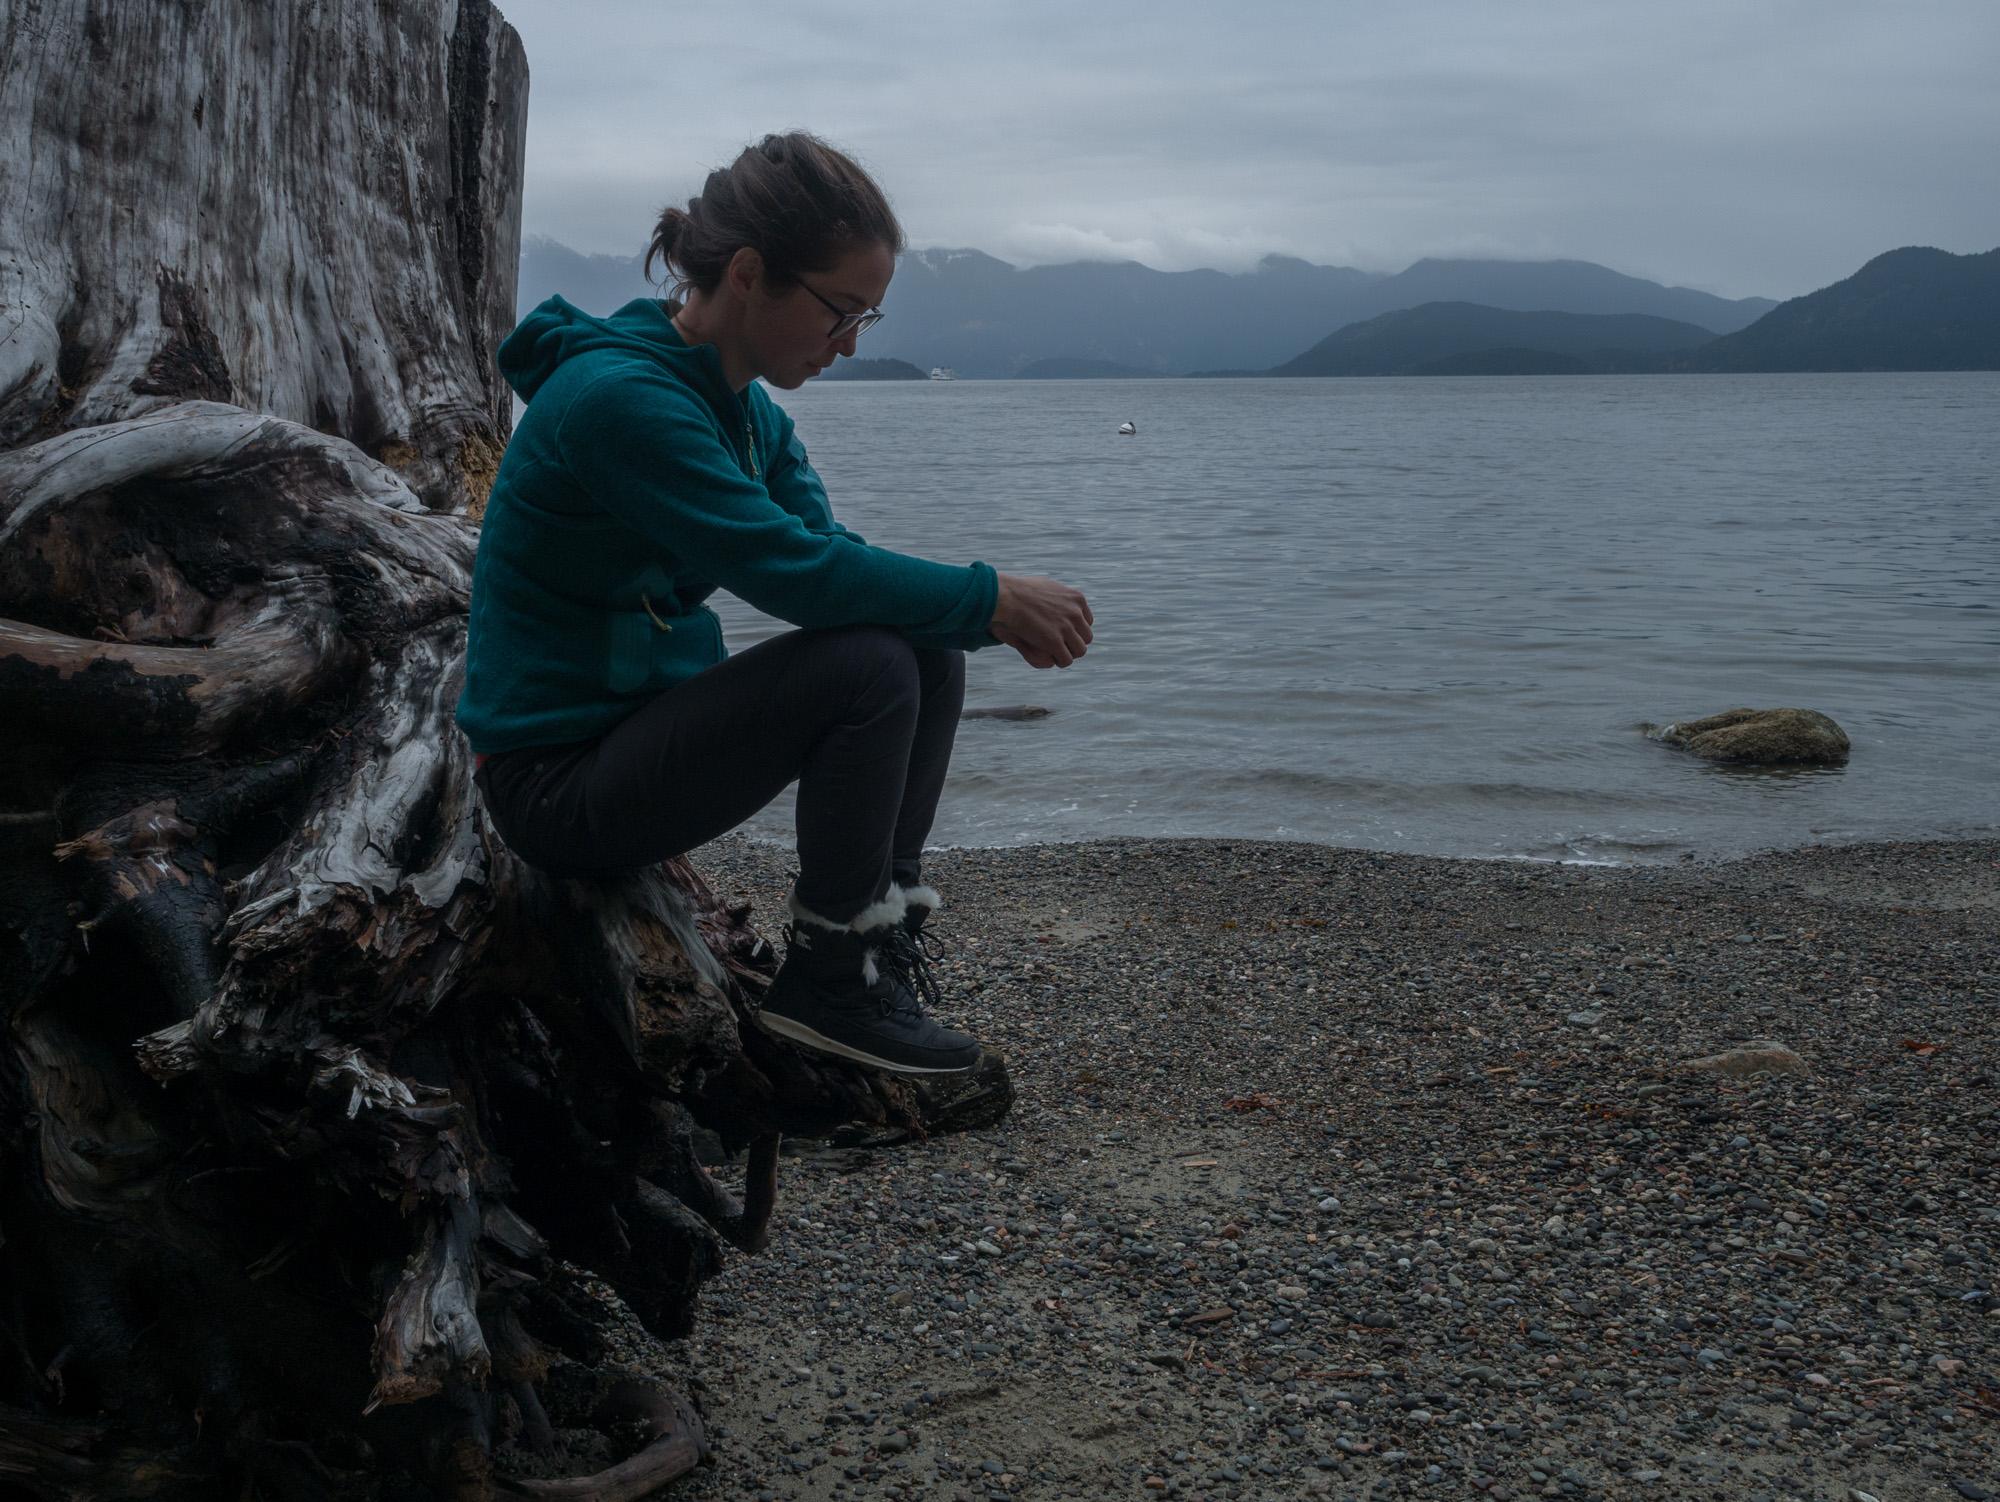 Sezonska depresija – kako jo lahko najhitreje premagate